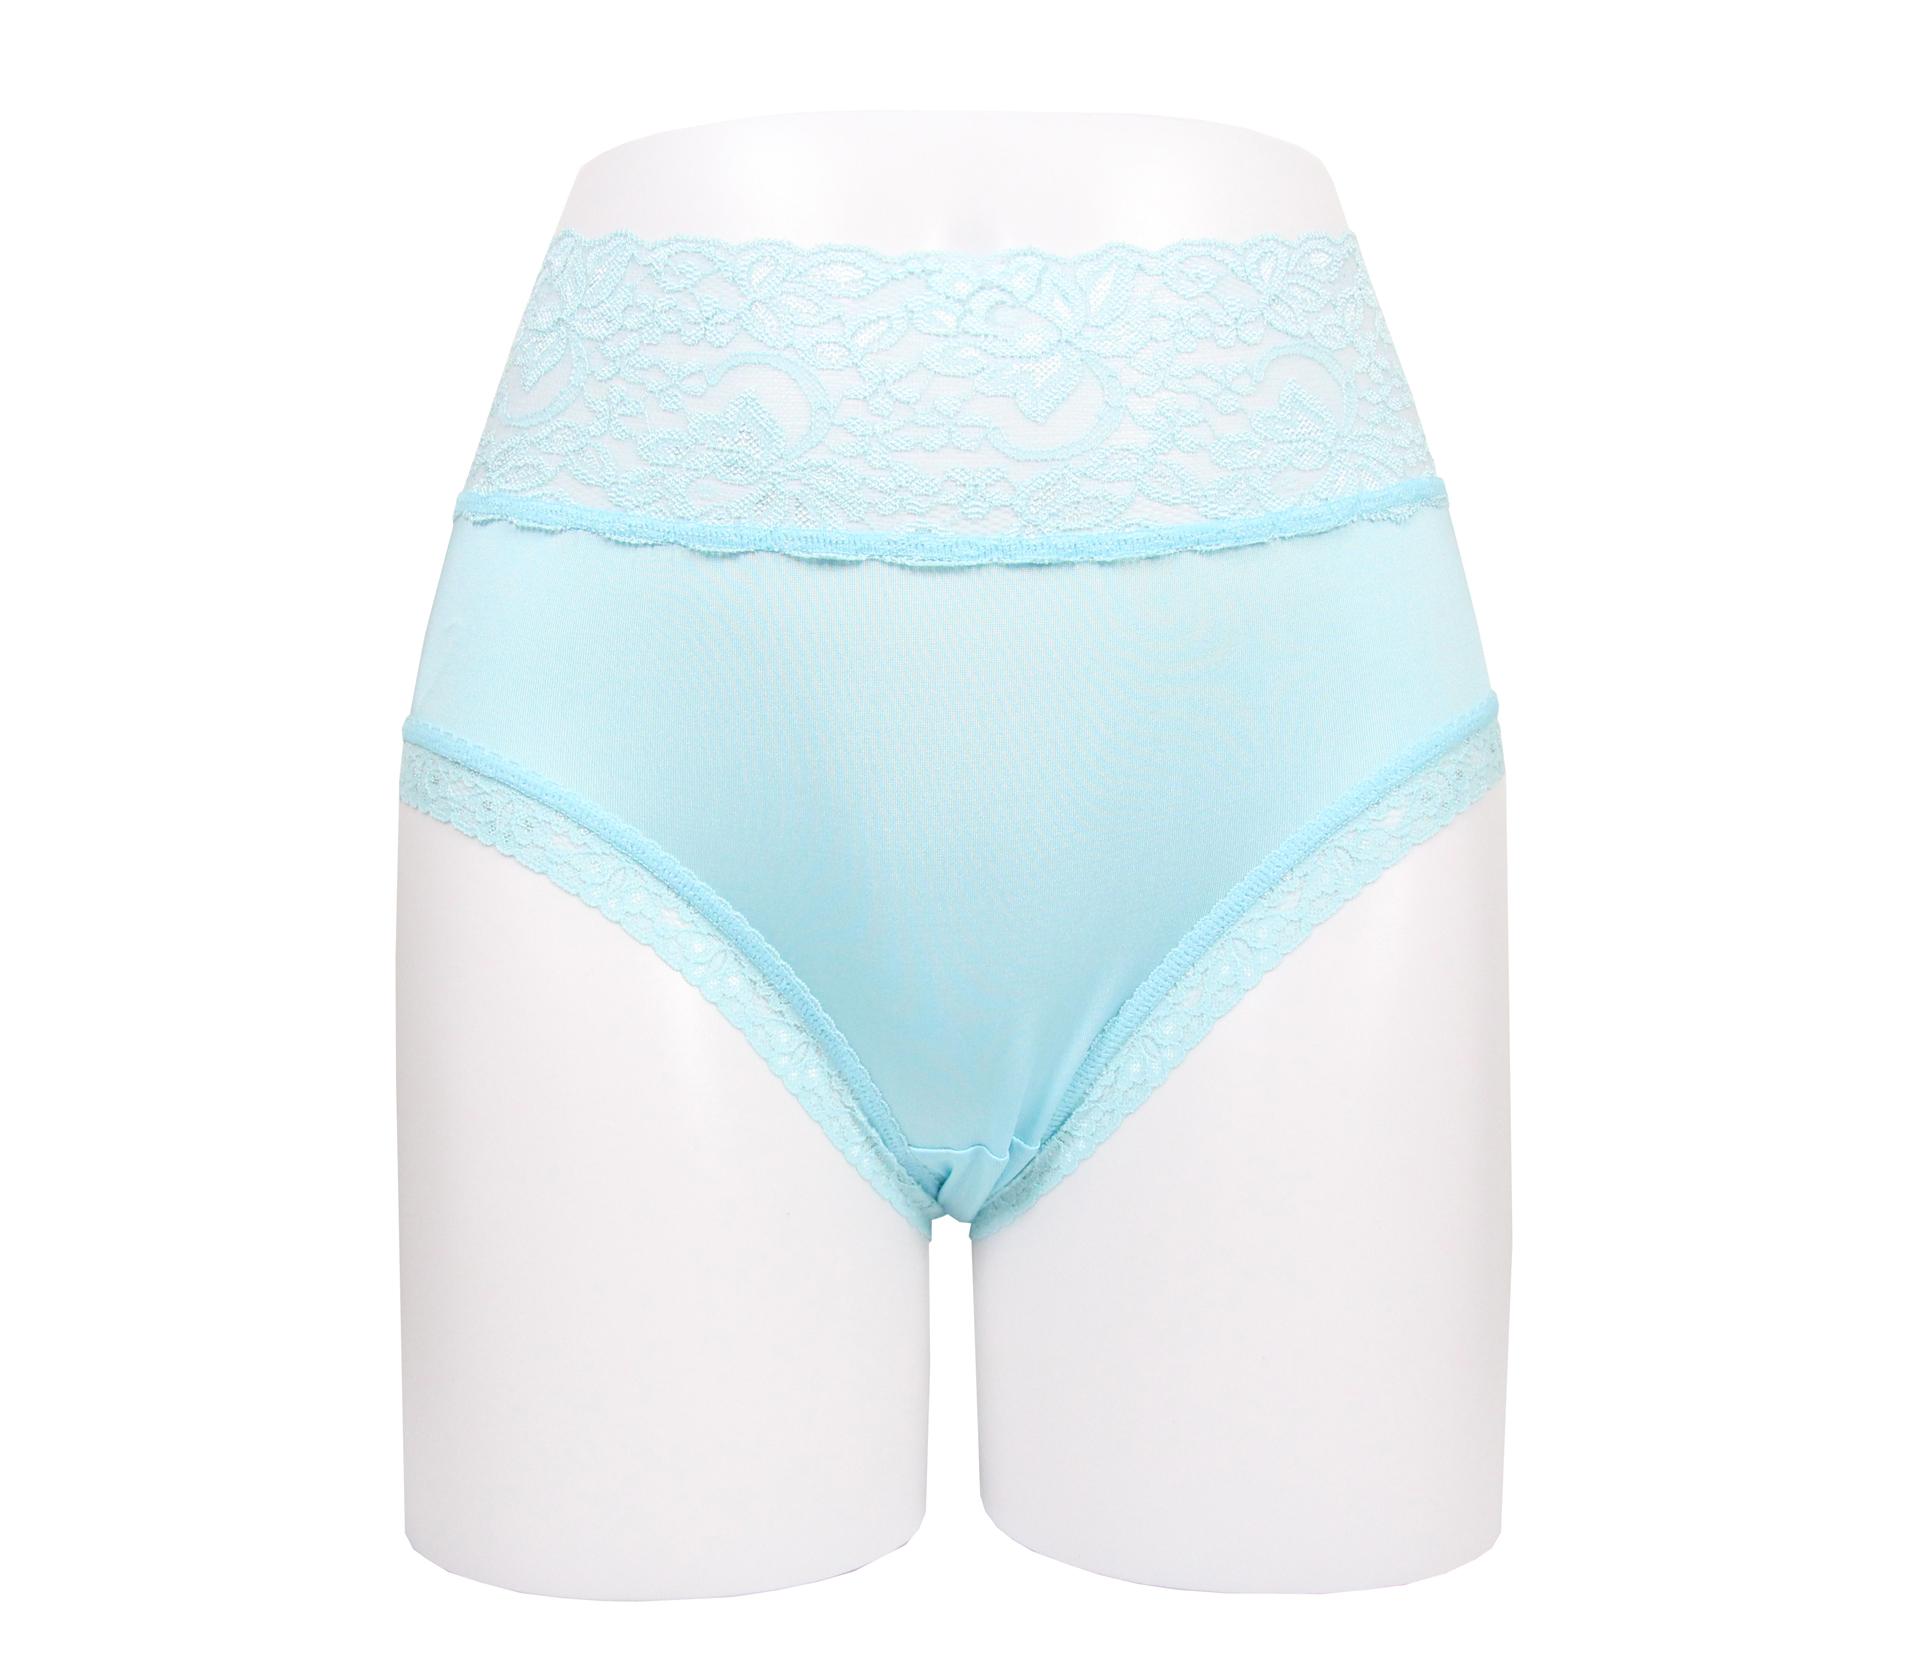 闕蘭絹花朵蕾絲100%蠶絲內褲 - 88909 (藍)